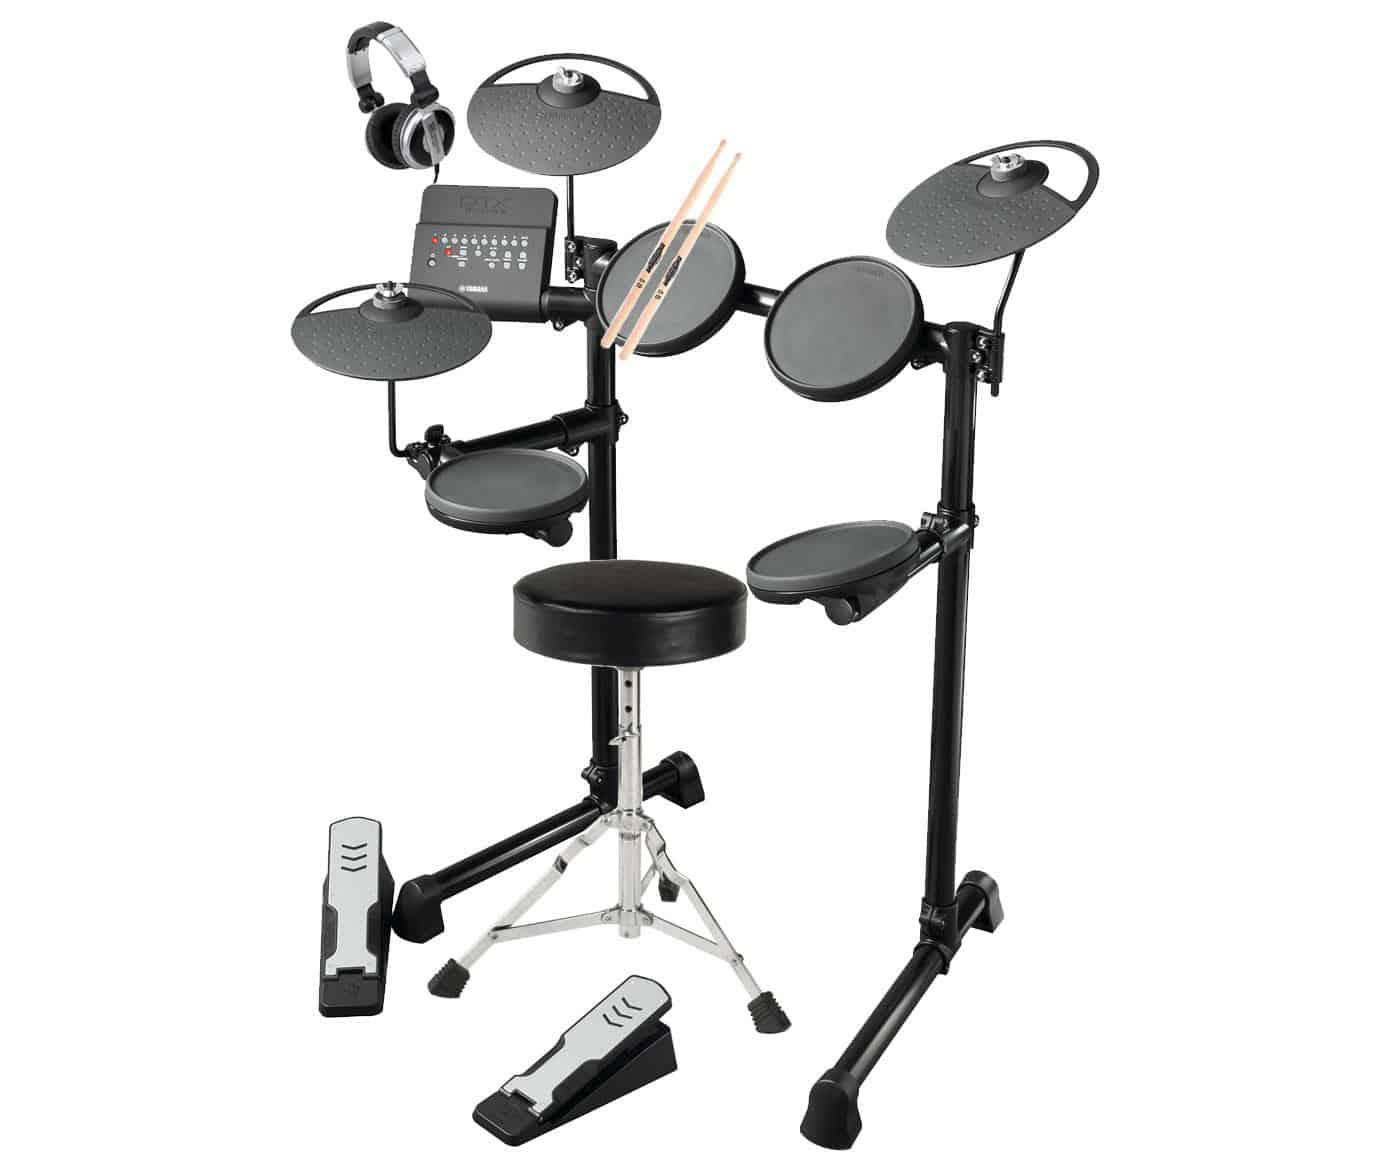 yamaha dtx400k e drum set inkl drumhocker kopfh rer. Black Bedroom Furniture Sets. Home Design Ideas